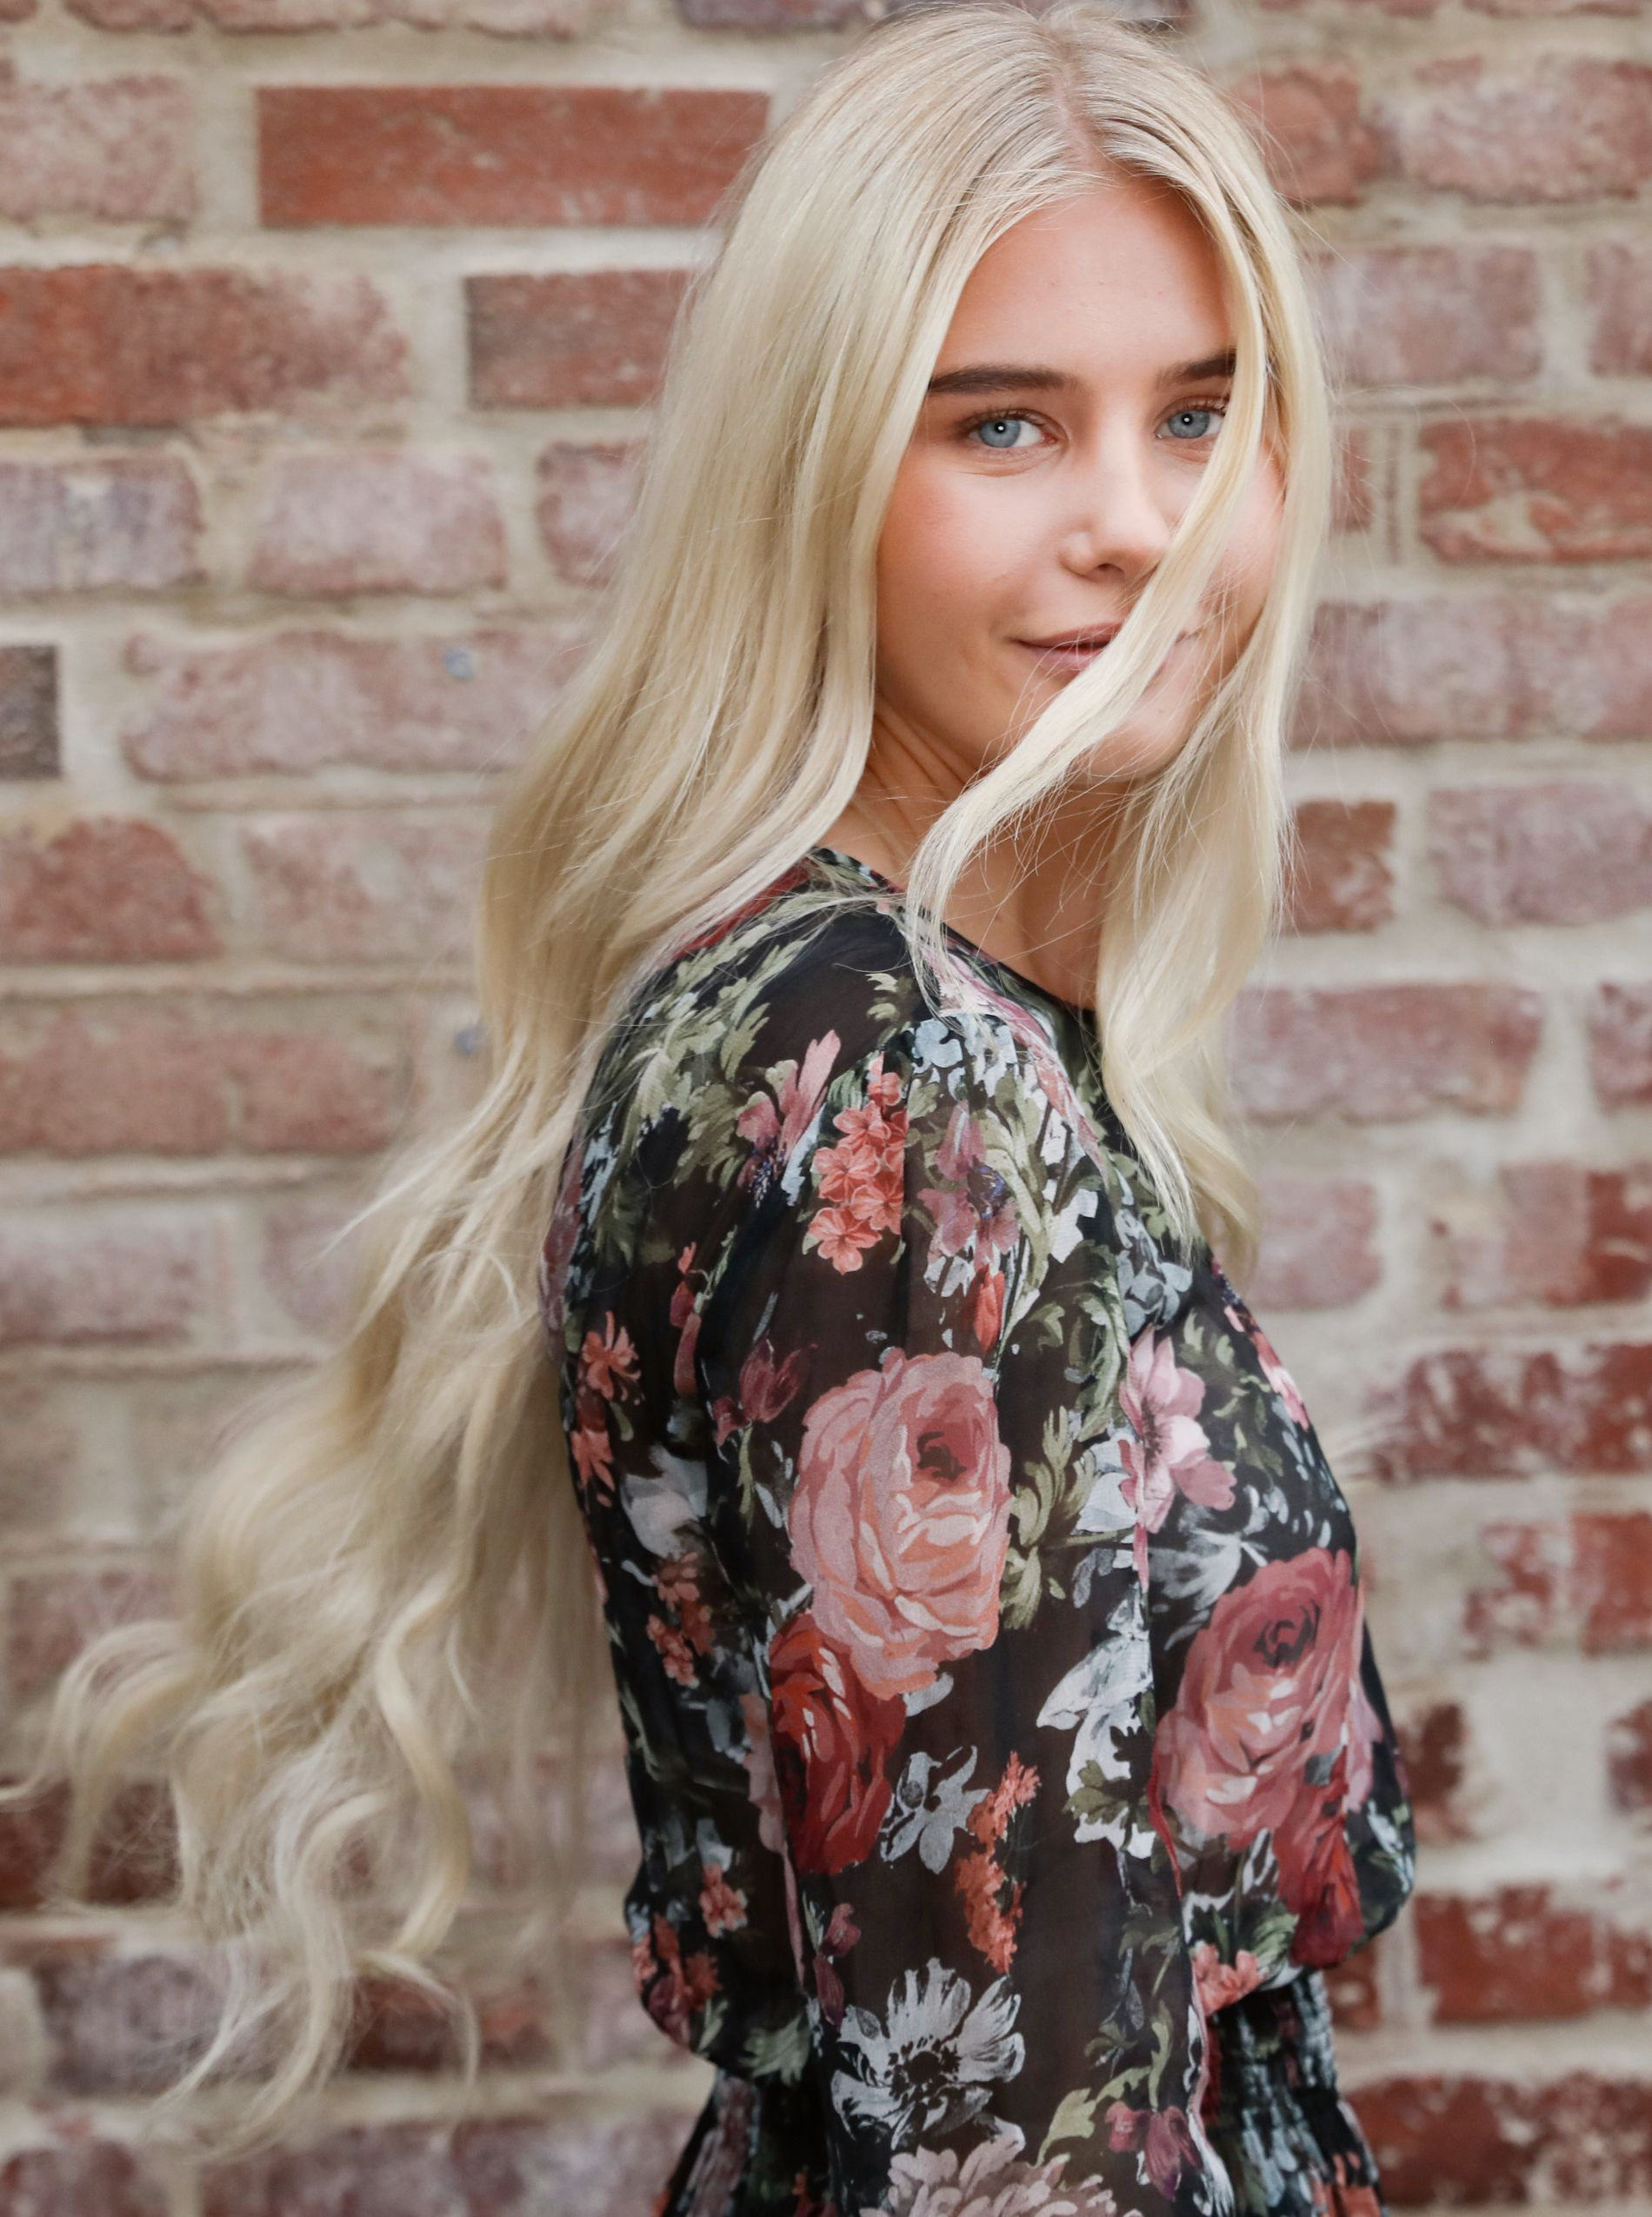 MODELLHÅP: Amalie Snøløs (21) har fått modellkontrakt etter «Farmen». Her under et møte med VG i forrige uke.